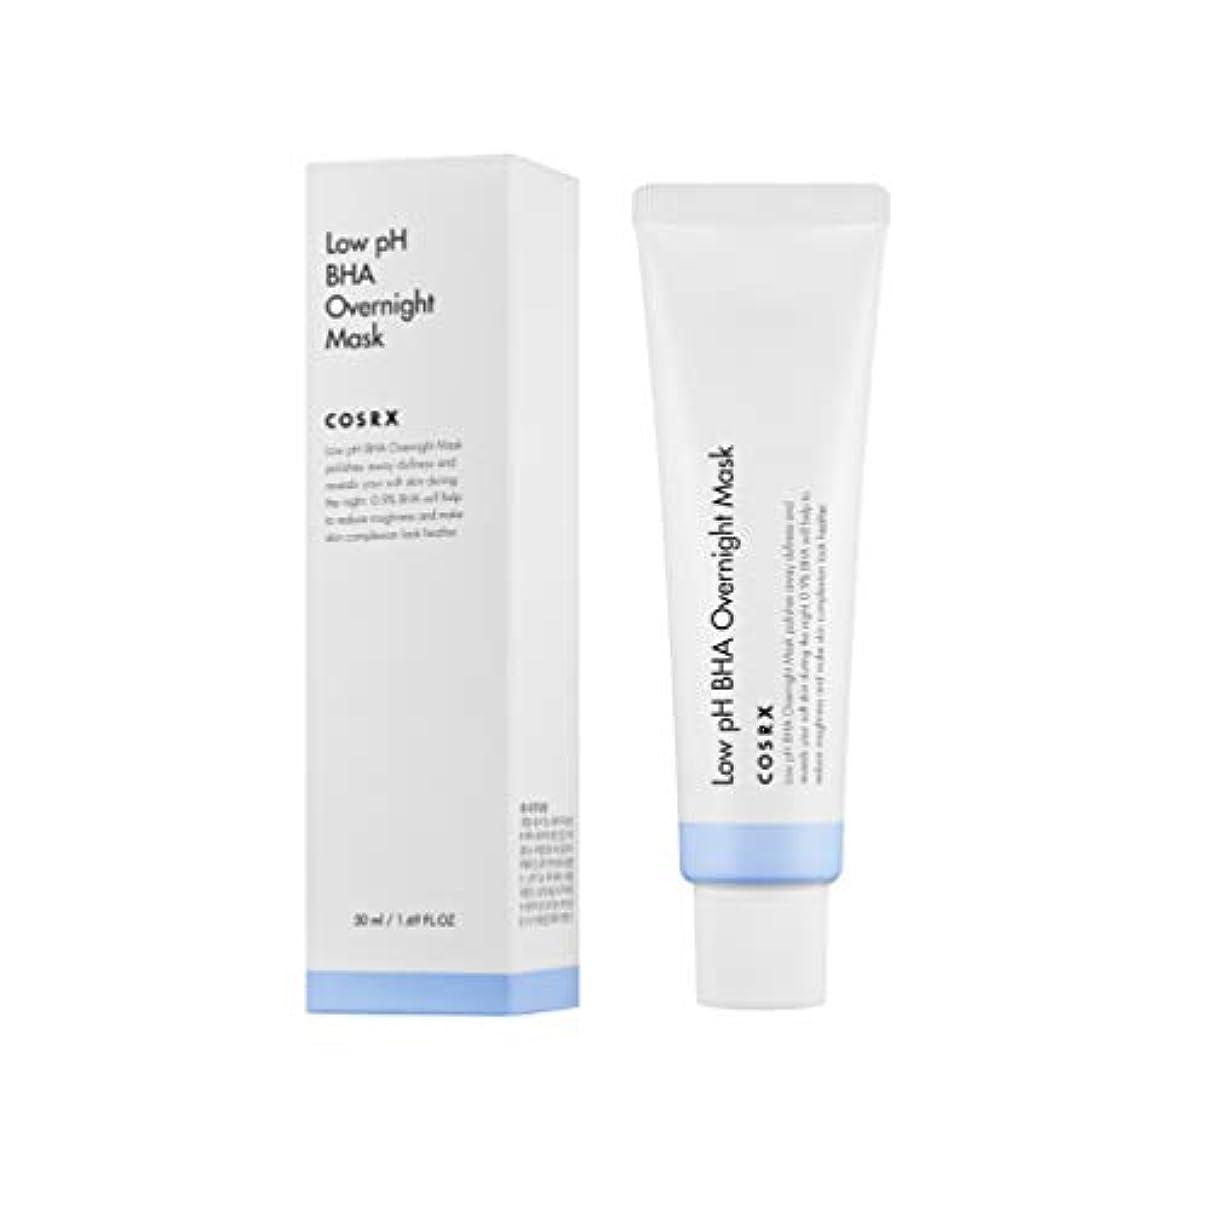 鎮静剤毒液時間とともにCOSRX 弱酸性 BHA オーバーナイト マスク / Low pH BHA Overnight Mask (50ml) [並行輸入品]